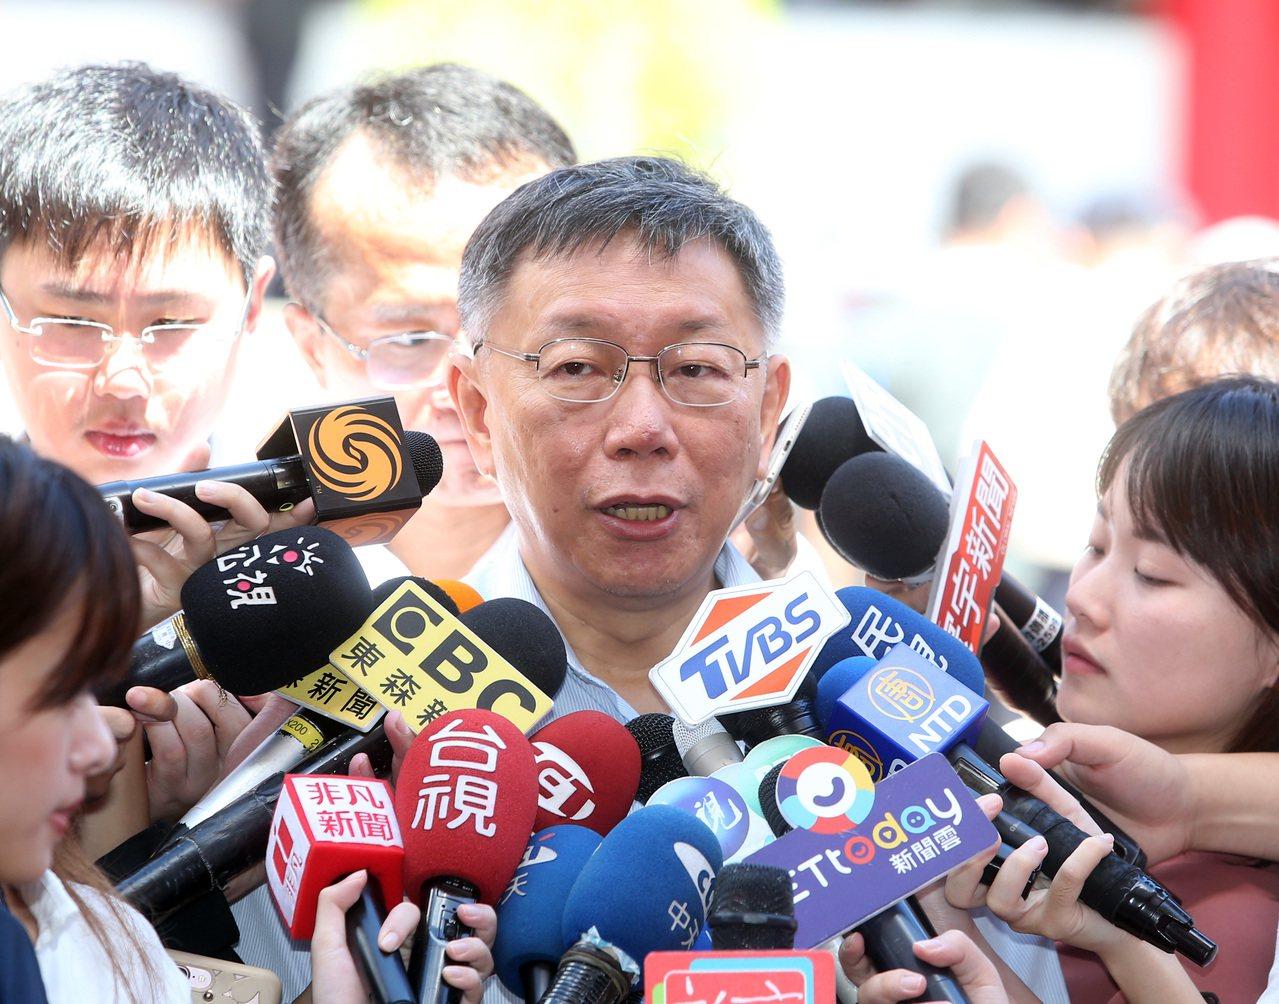 台北市長柯文哲籌組民眾黨後,明首次在議會進行施政報告。圖/報系資料照片